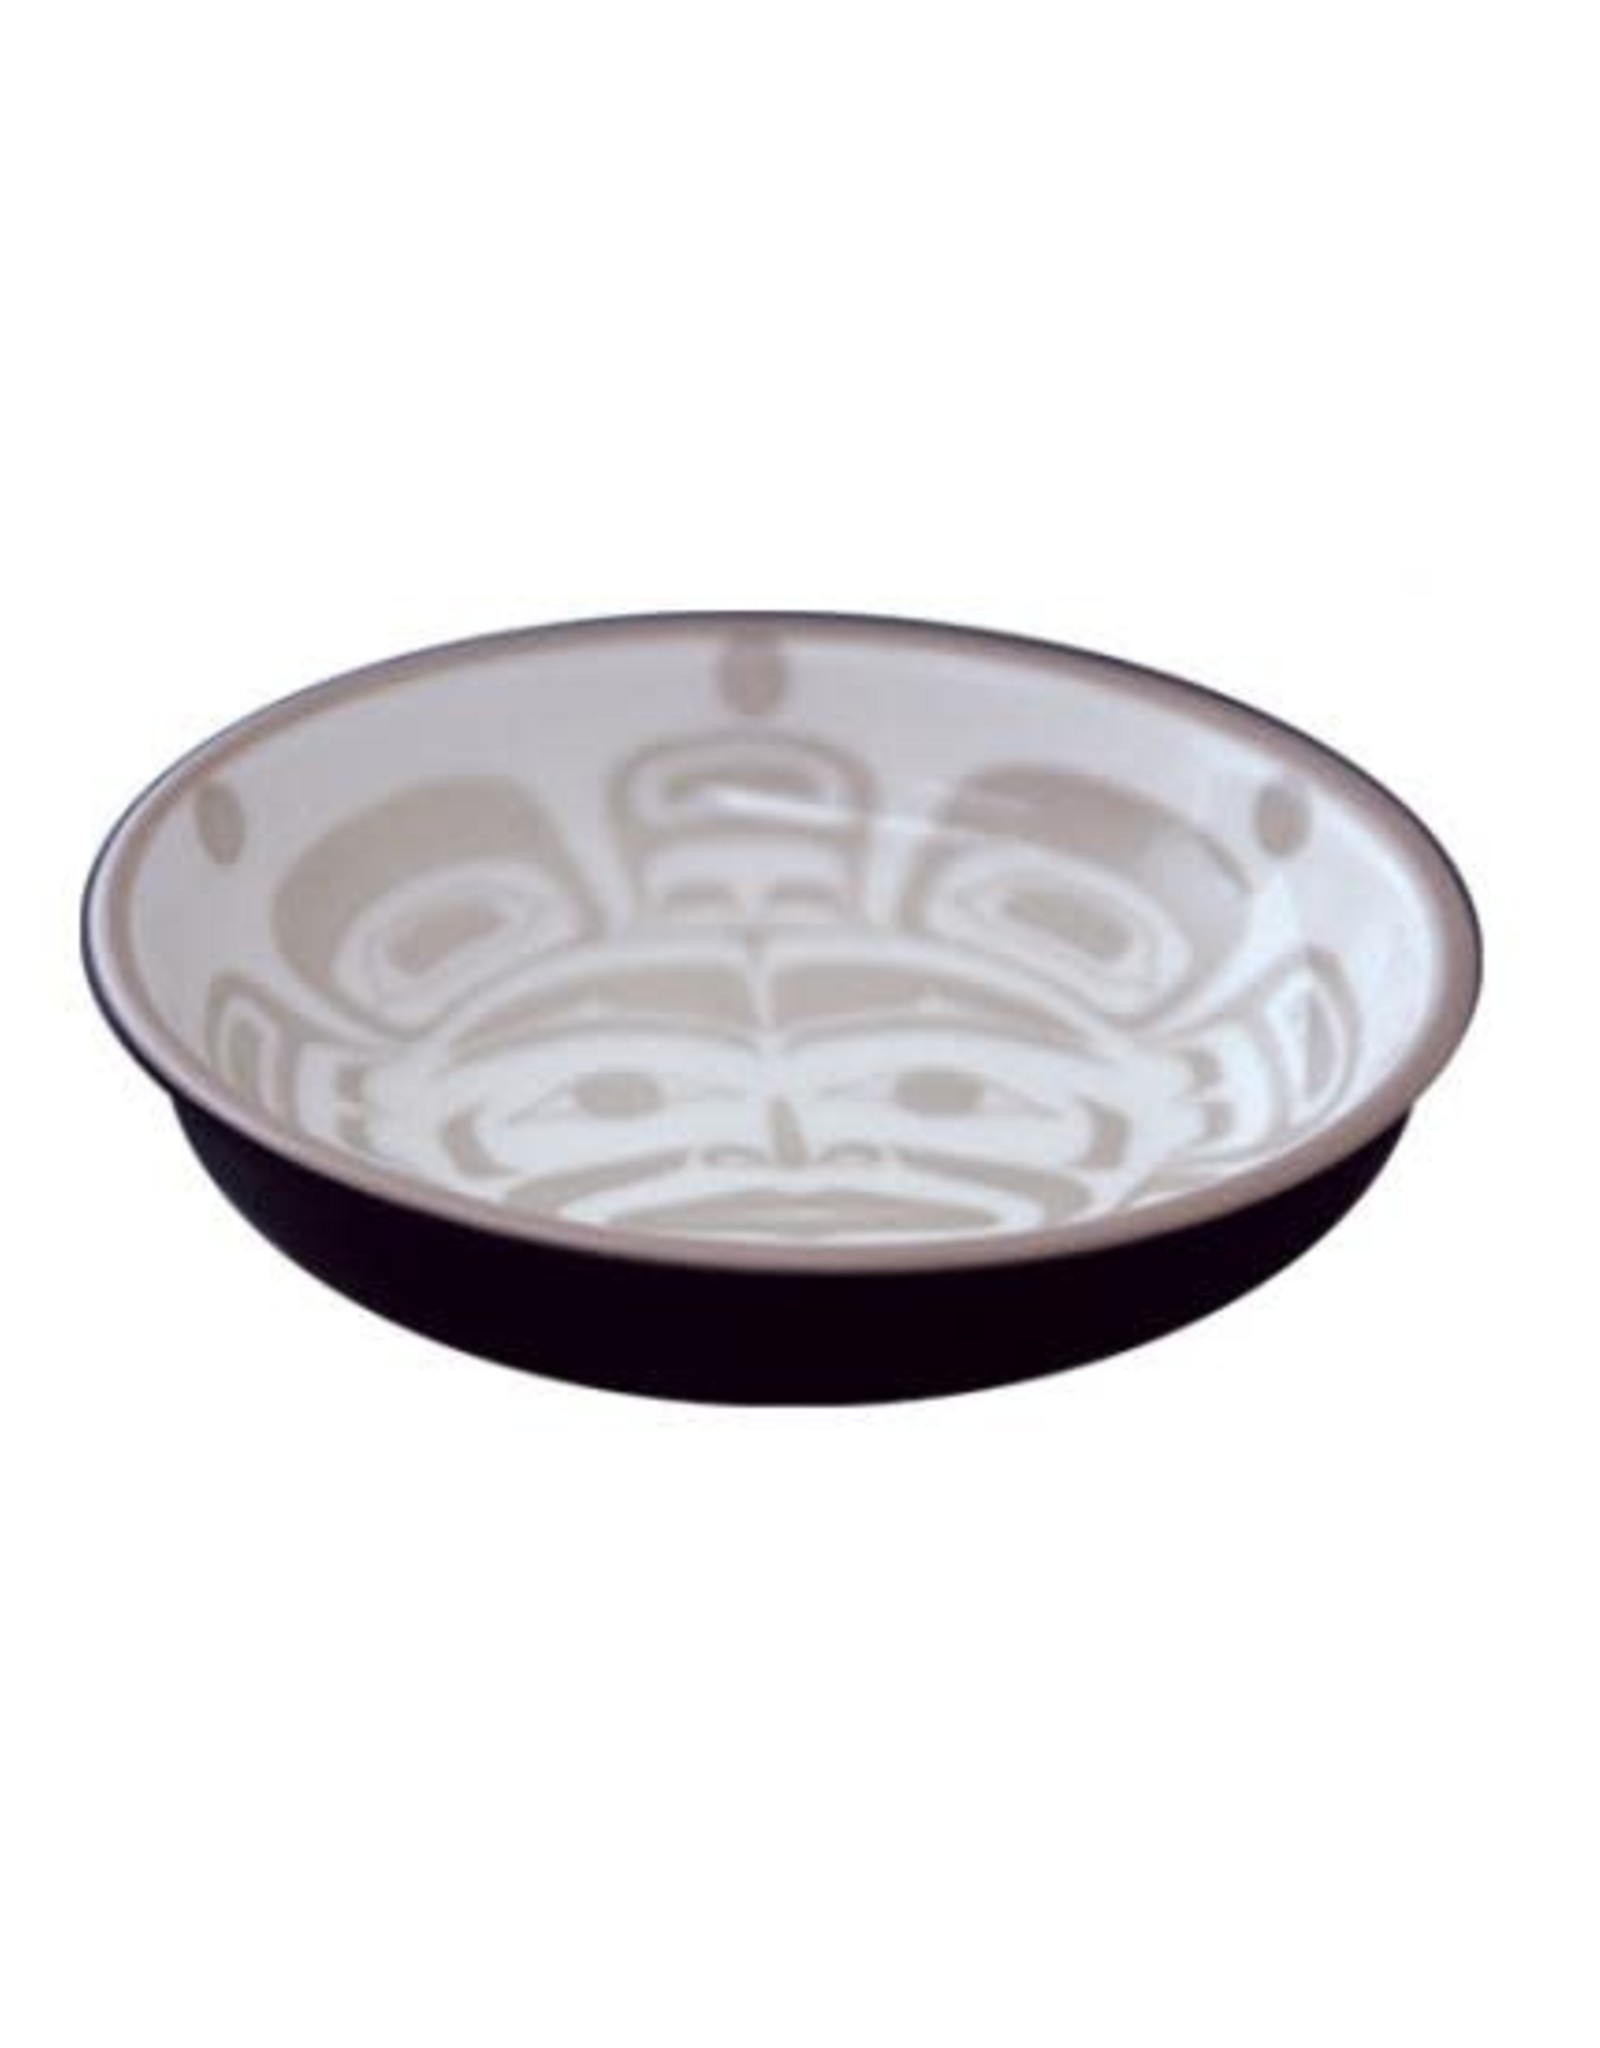 KB Moon Mask Small Dish Black/Taupe Klatle-Bhi